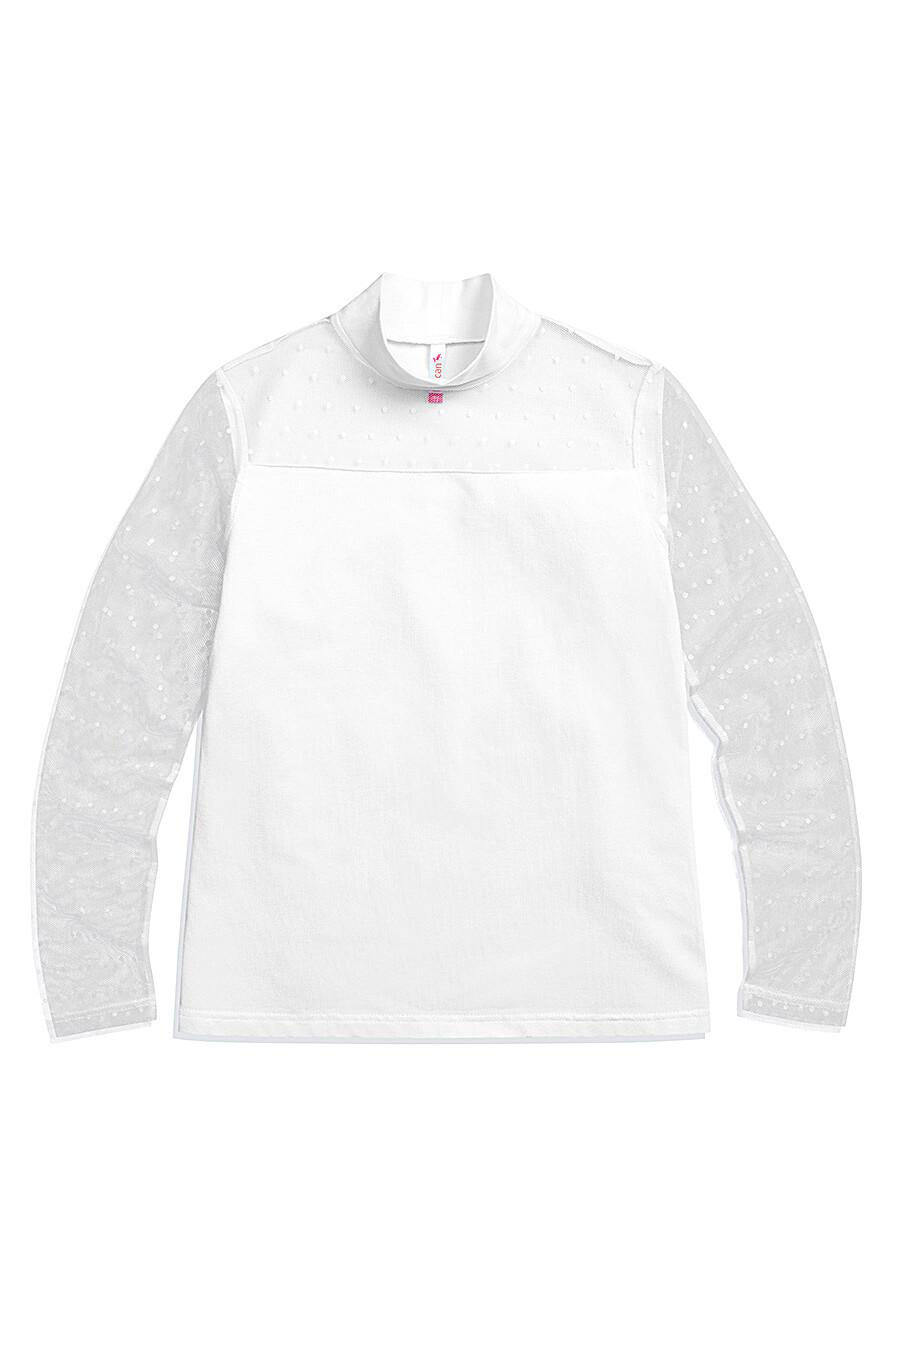 Блузка для девочек PELICAN 218587 купить оптом от производителя. Совместная покупка детской одежды в OptMoyo